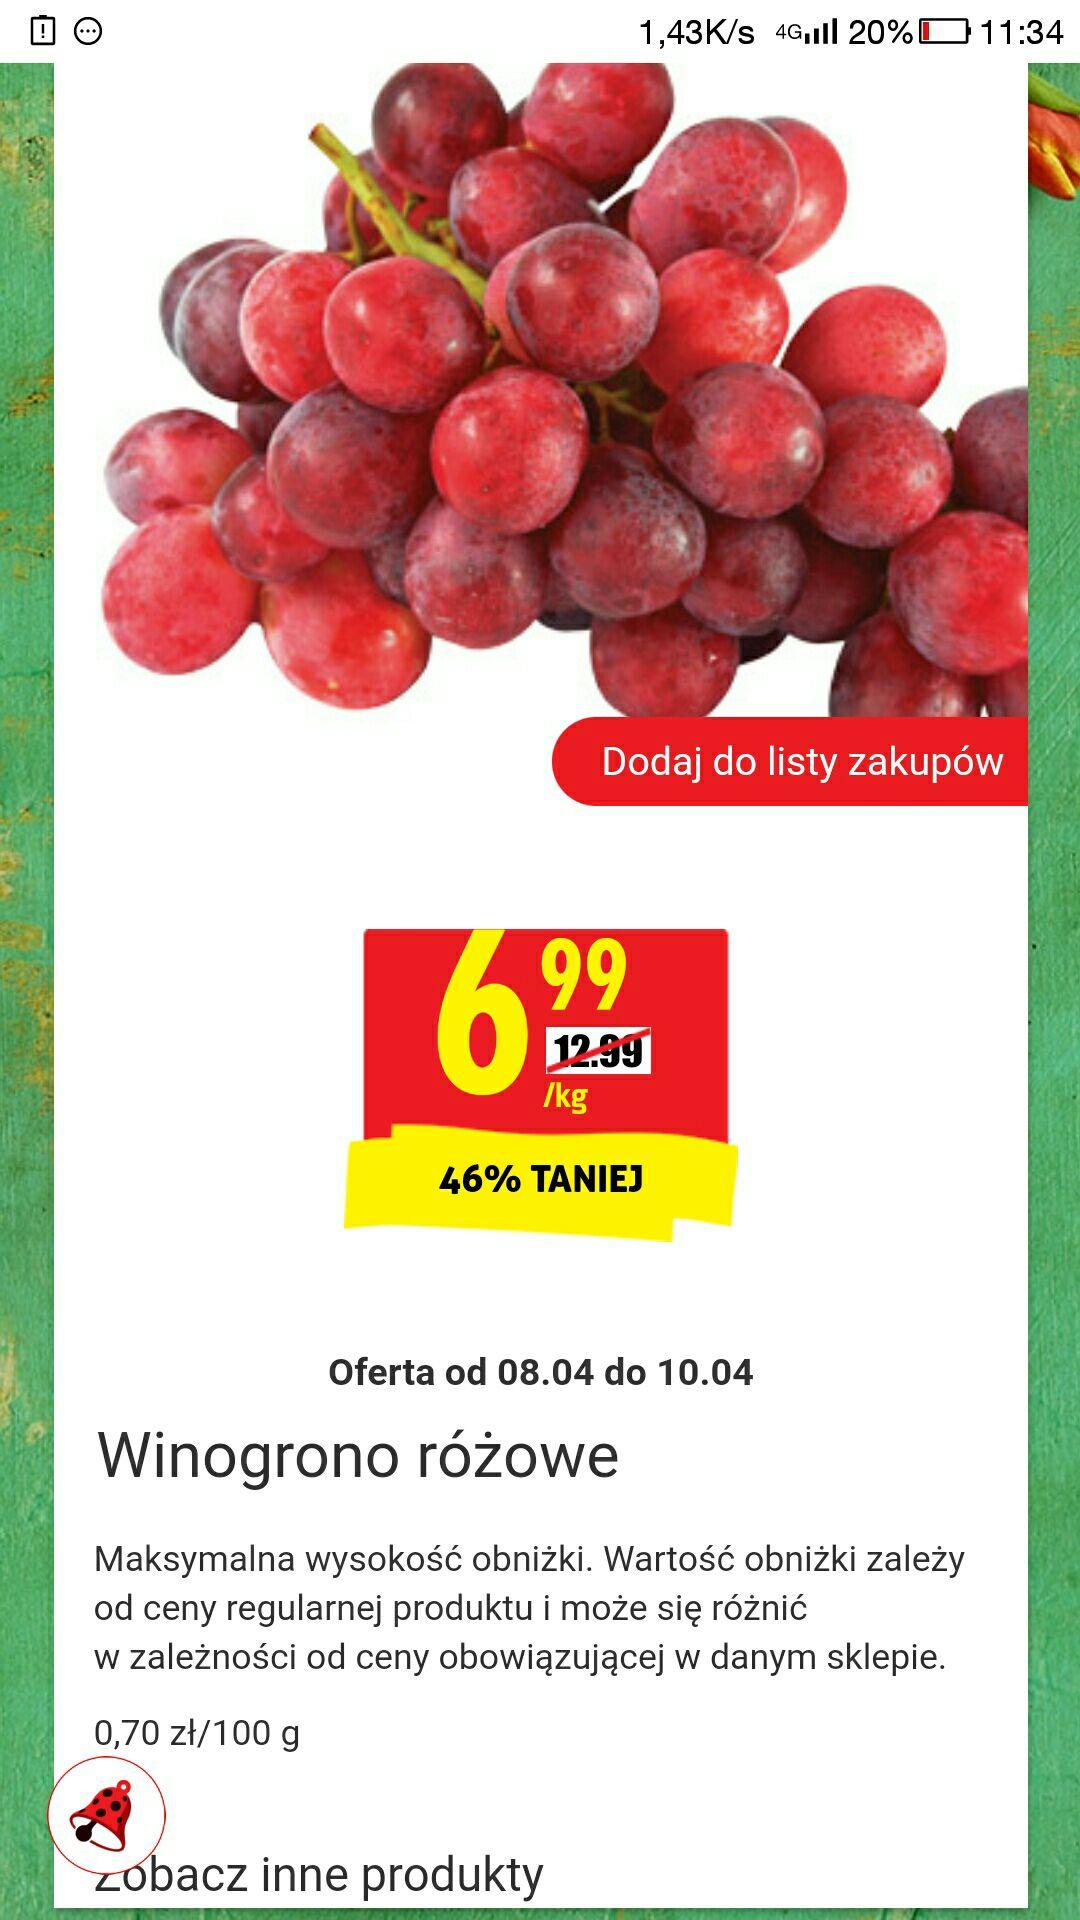 Winogrono różowe 6.99 zł/kg w Biedronce